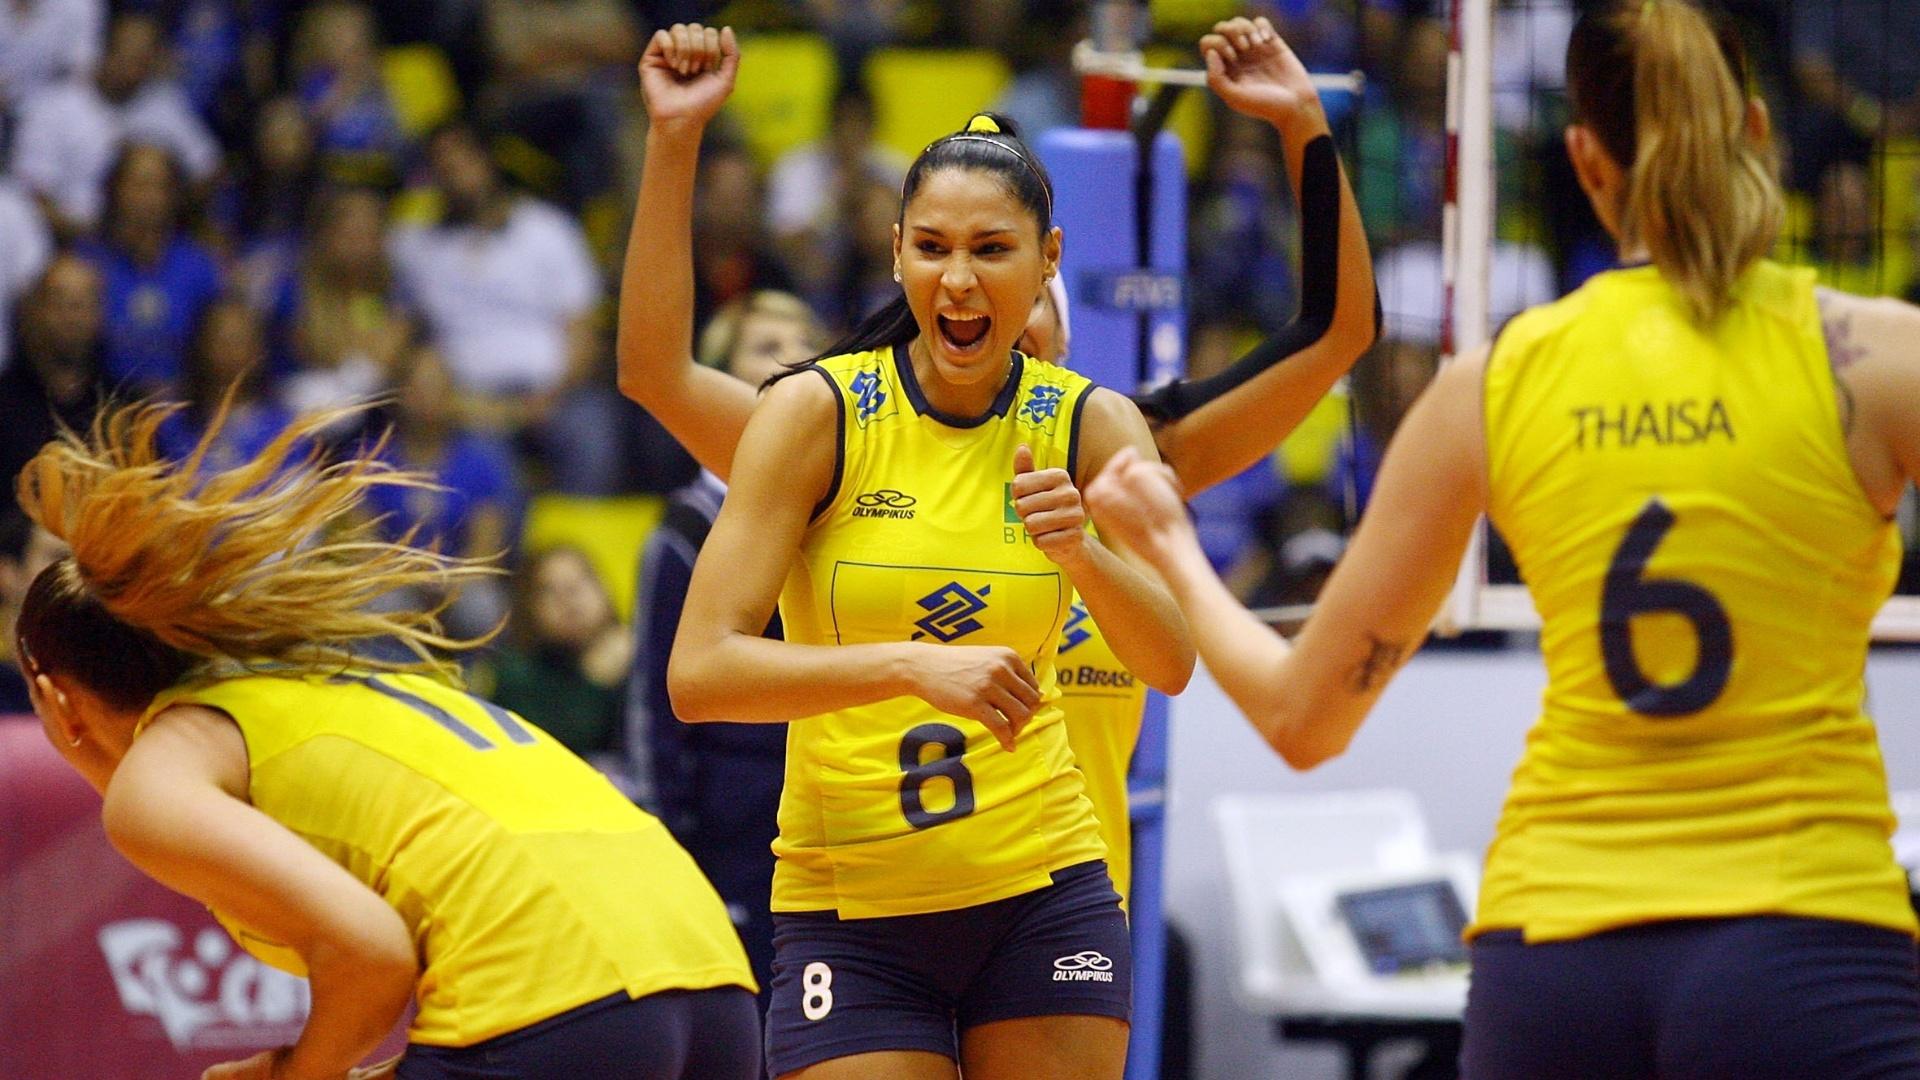 Jaqueline grita para comemorar ponto marcado na partida contra a Alemanha